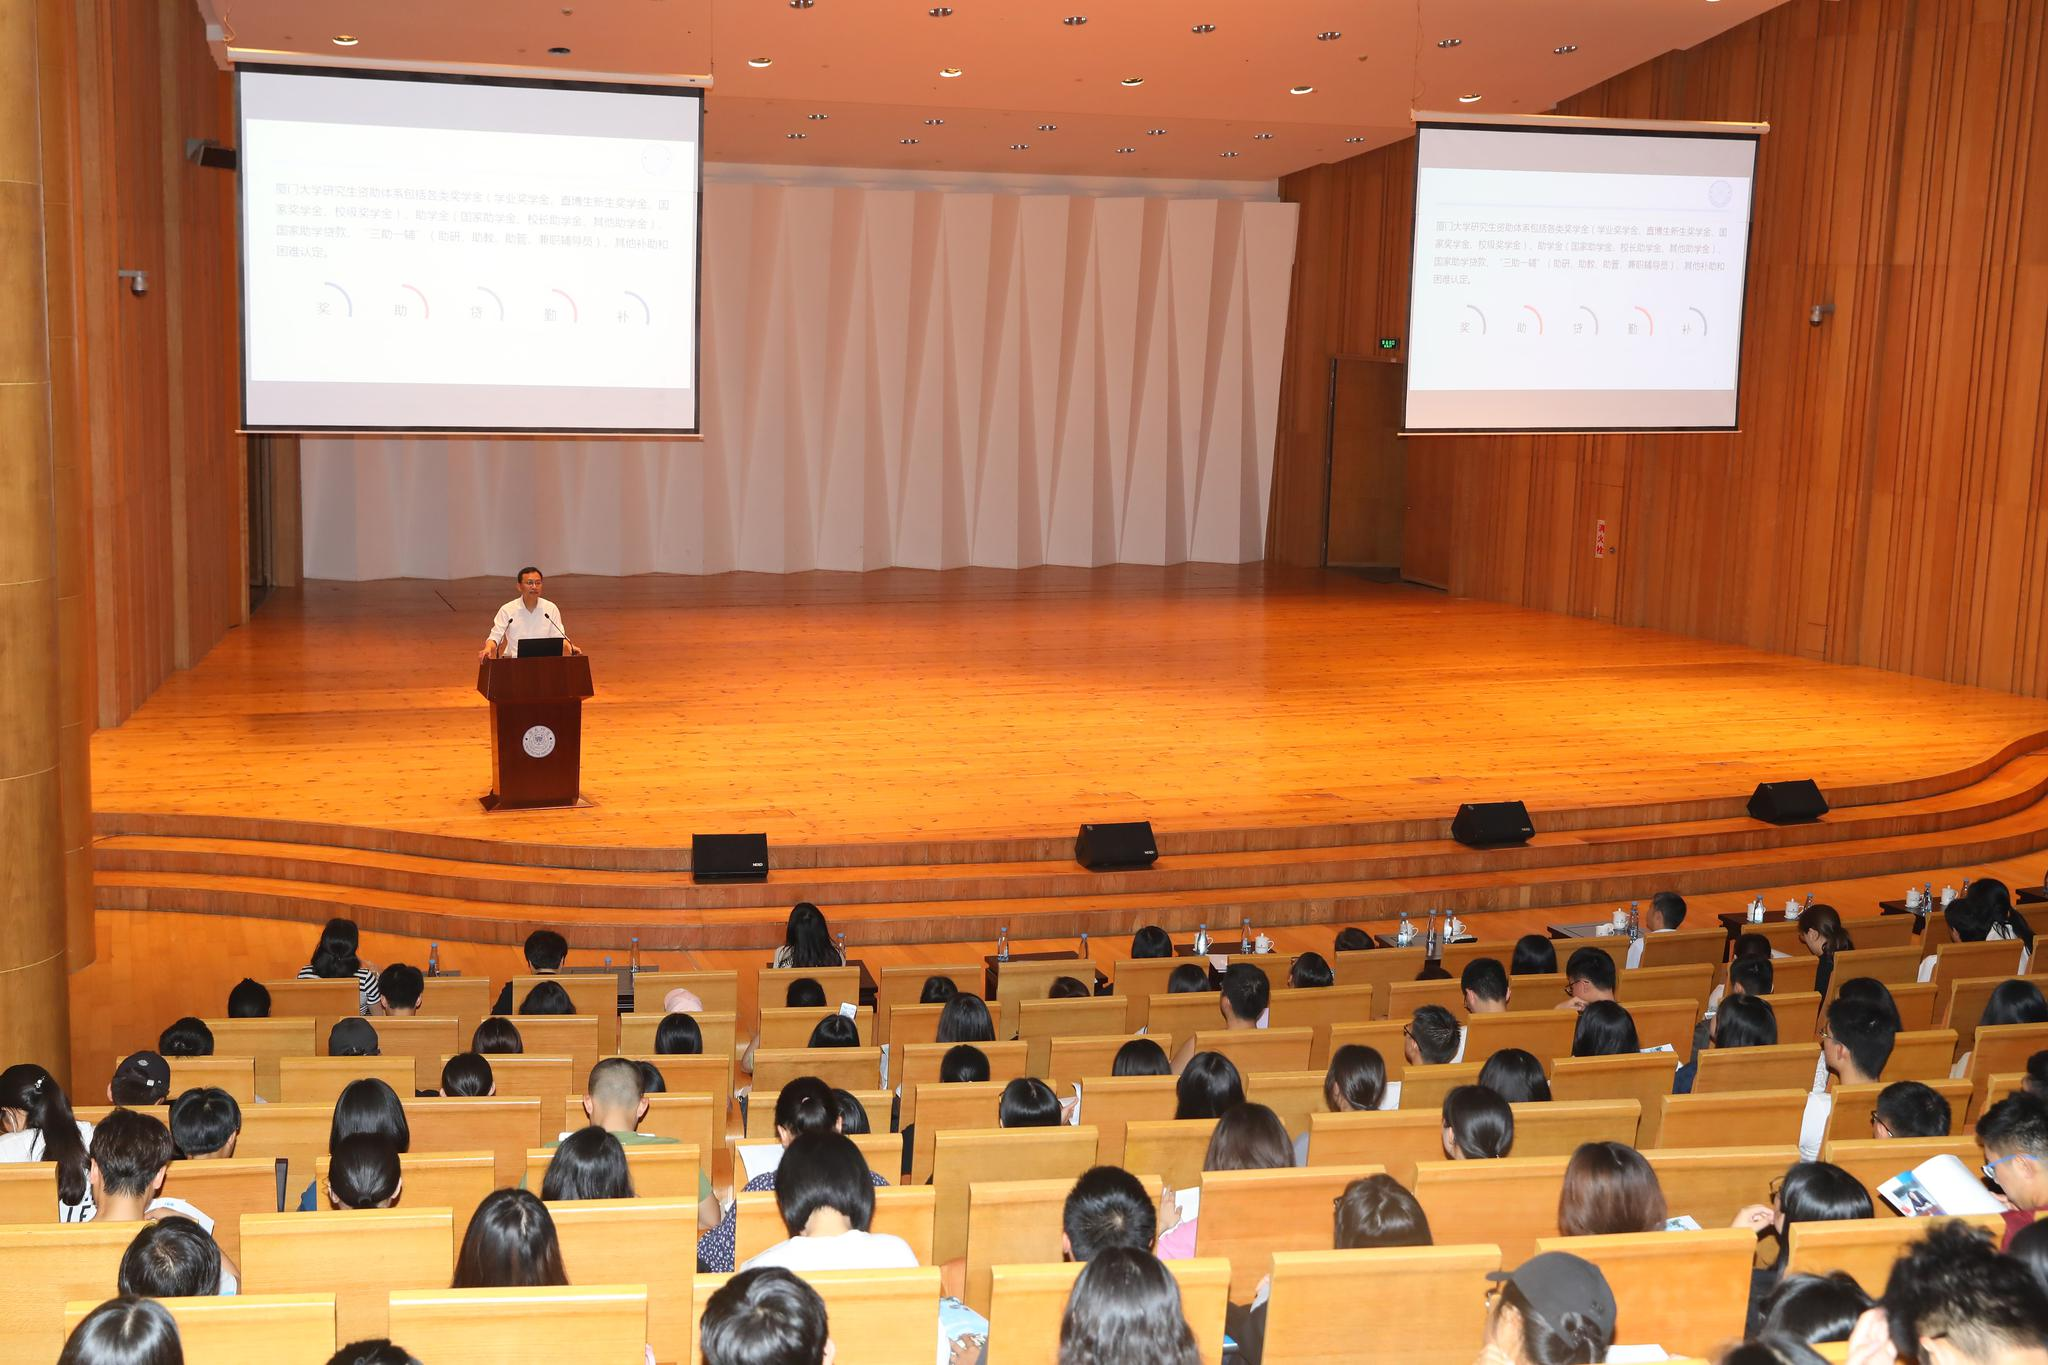 http://www.jiaokaotong.cn/kaoyangongbo/126727.html